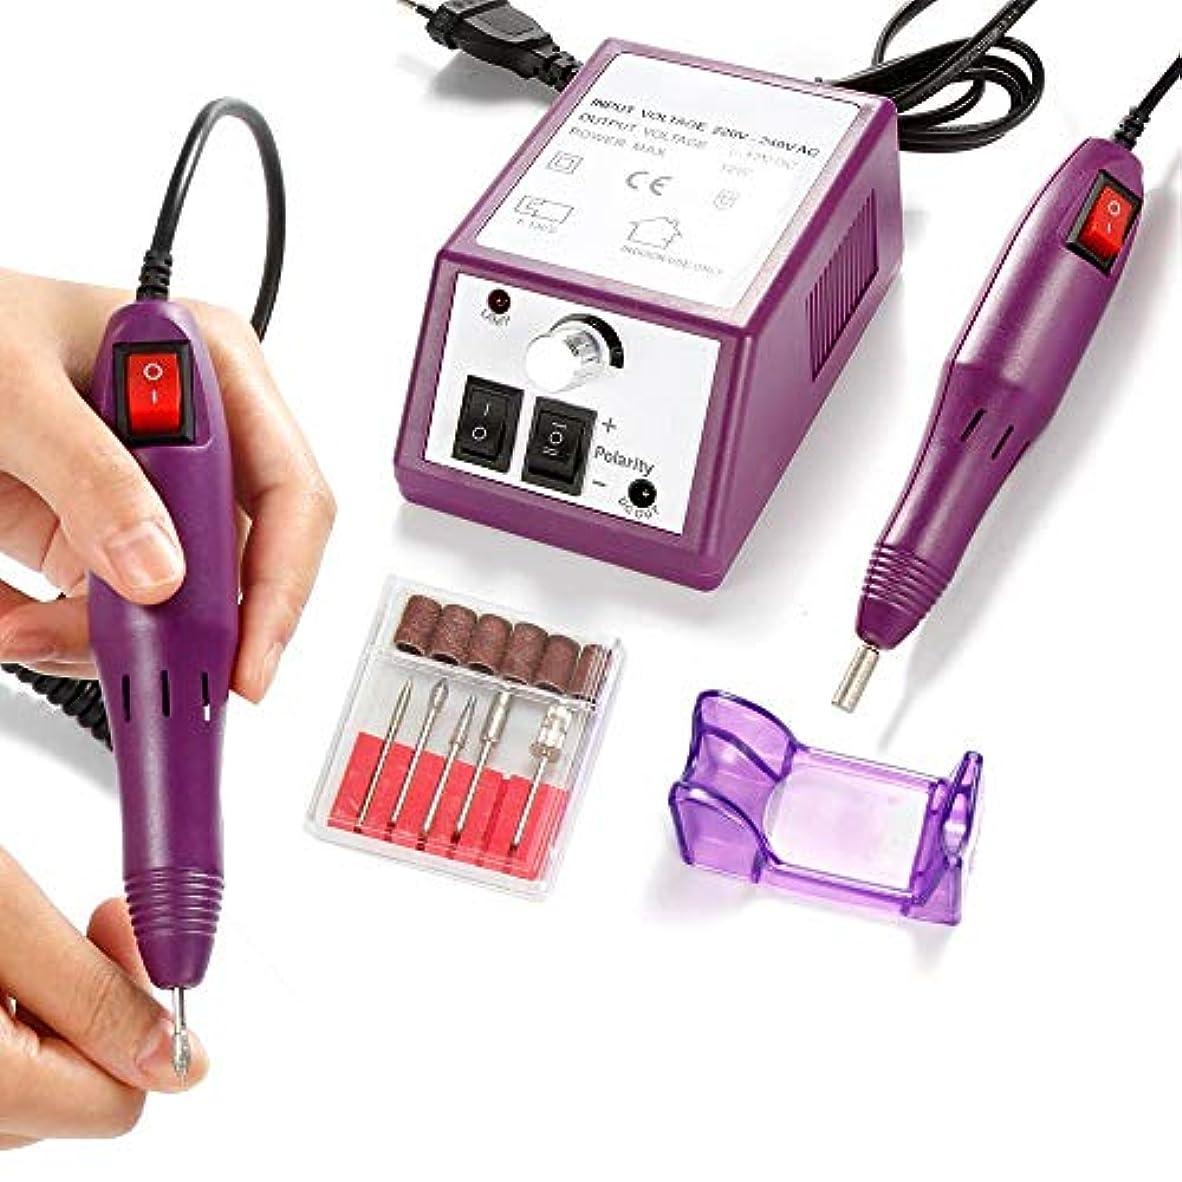 ネイルドリル電気器具用マニキュアジェルキューティクルリムーバーミリングドリルビットセット20000 rpmペディキュアポーランド機ネイルアート